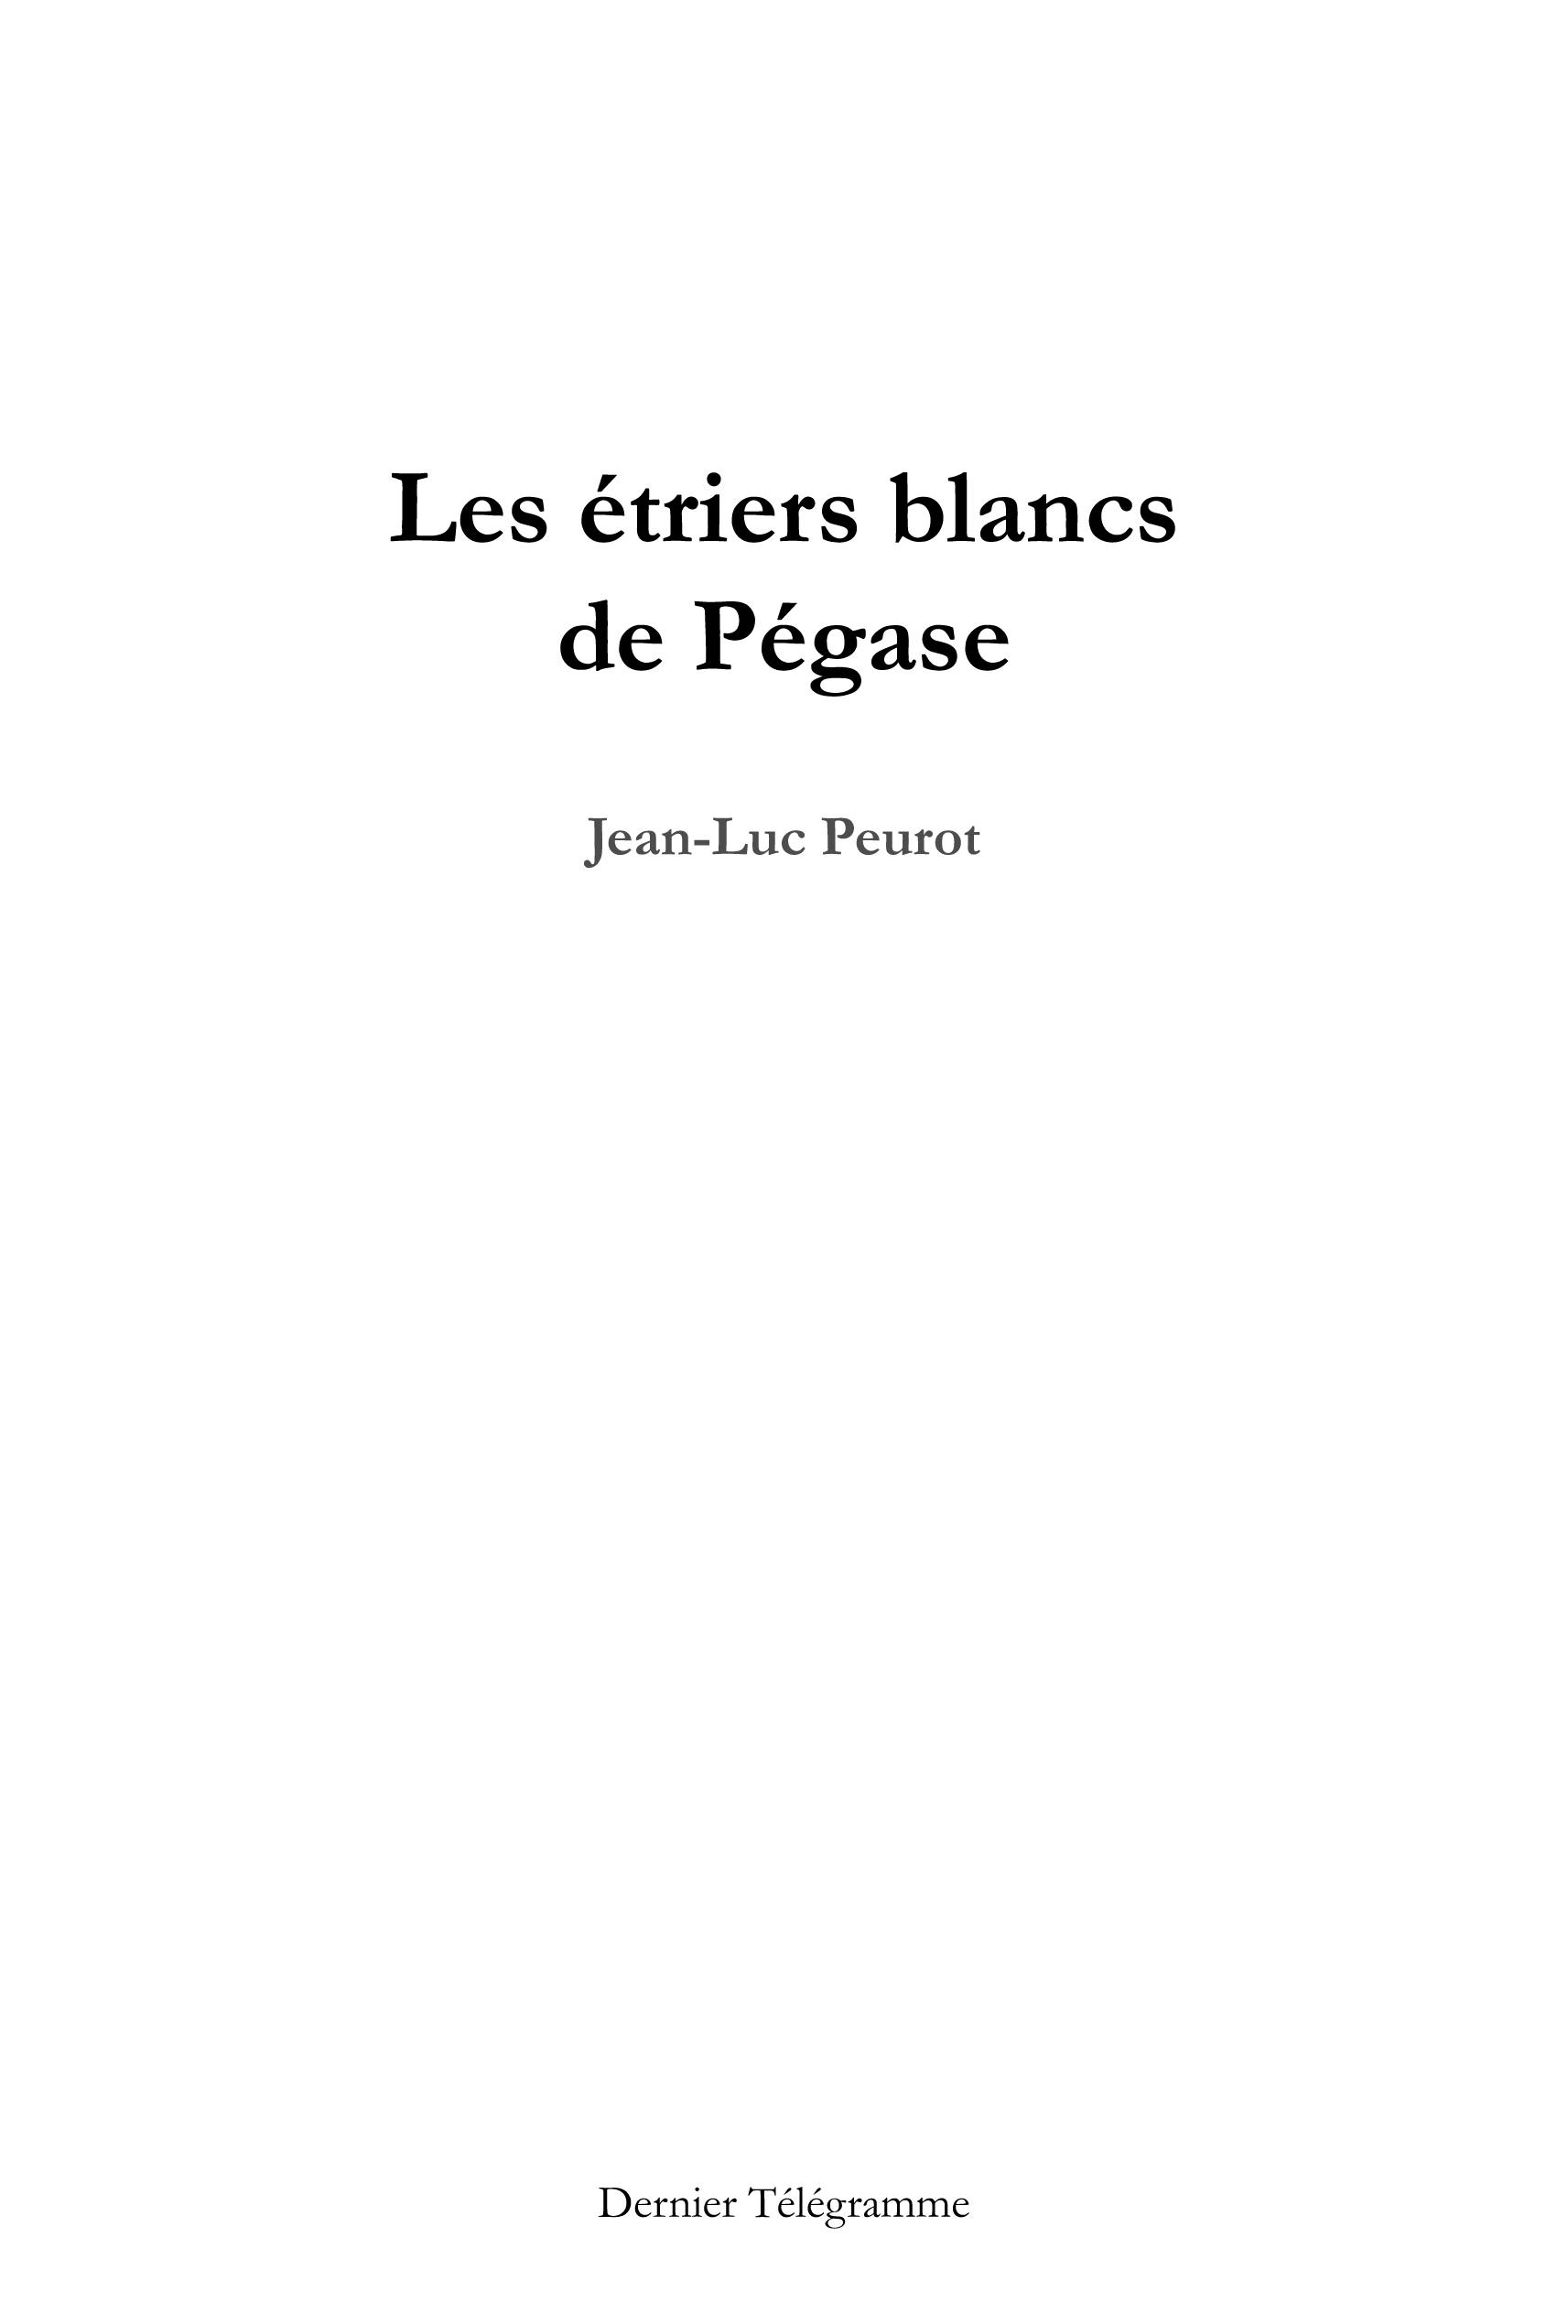 LES ETRIERS BLANCS DE PEGASE